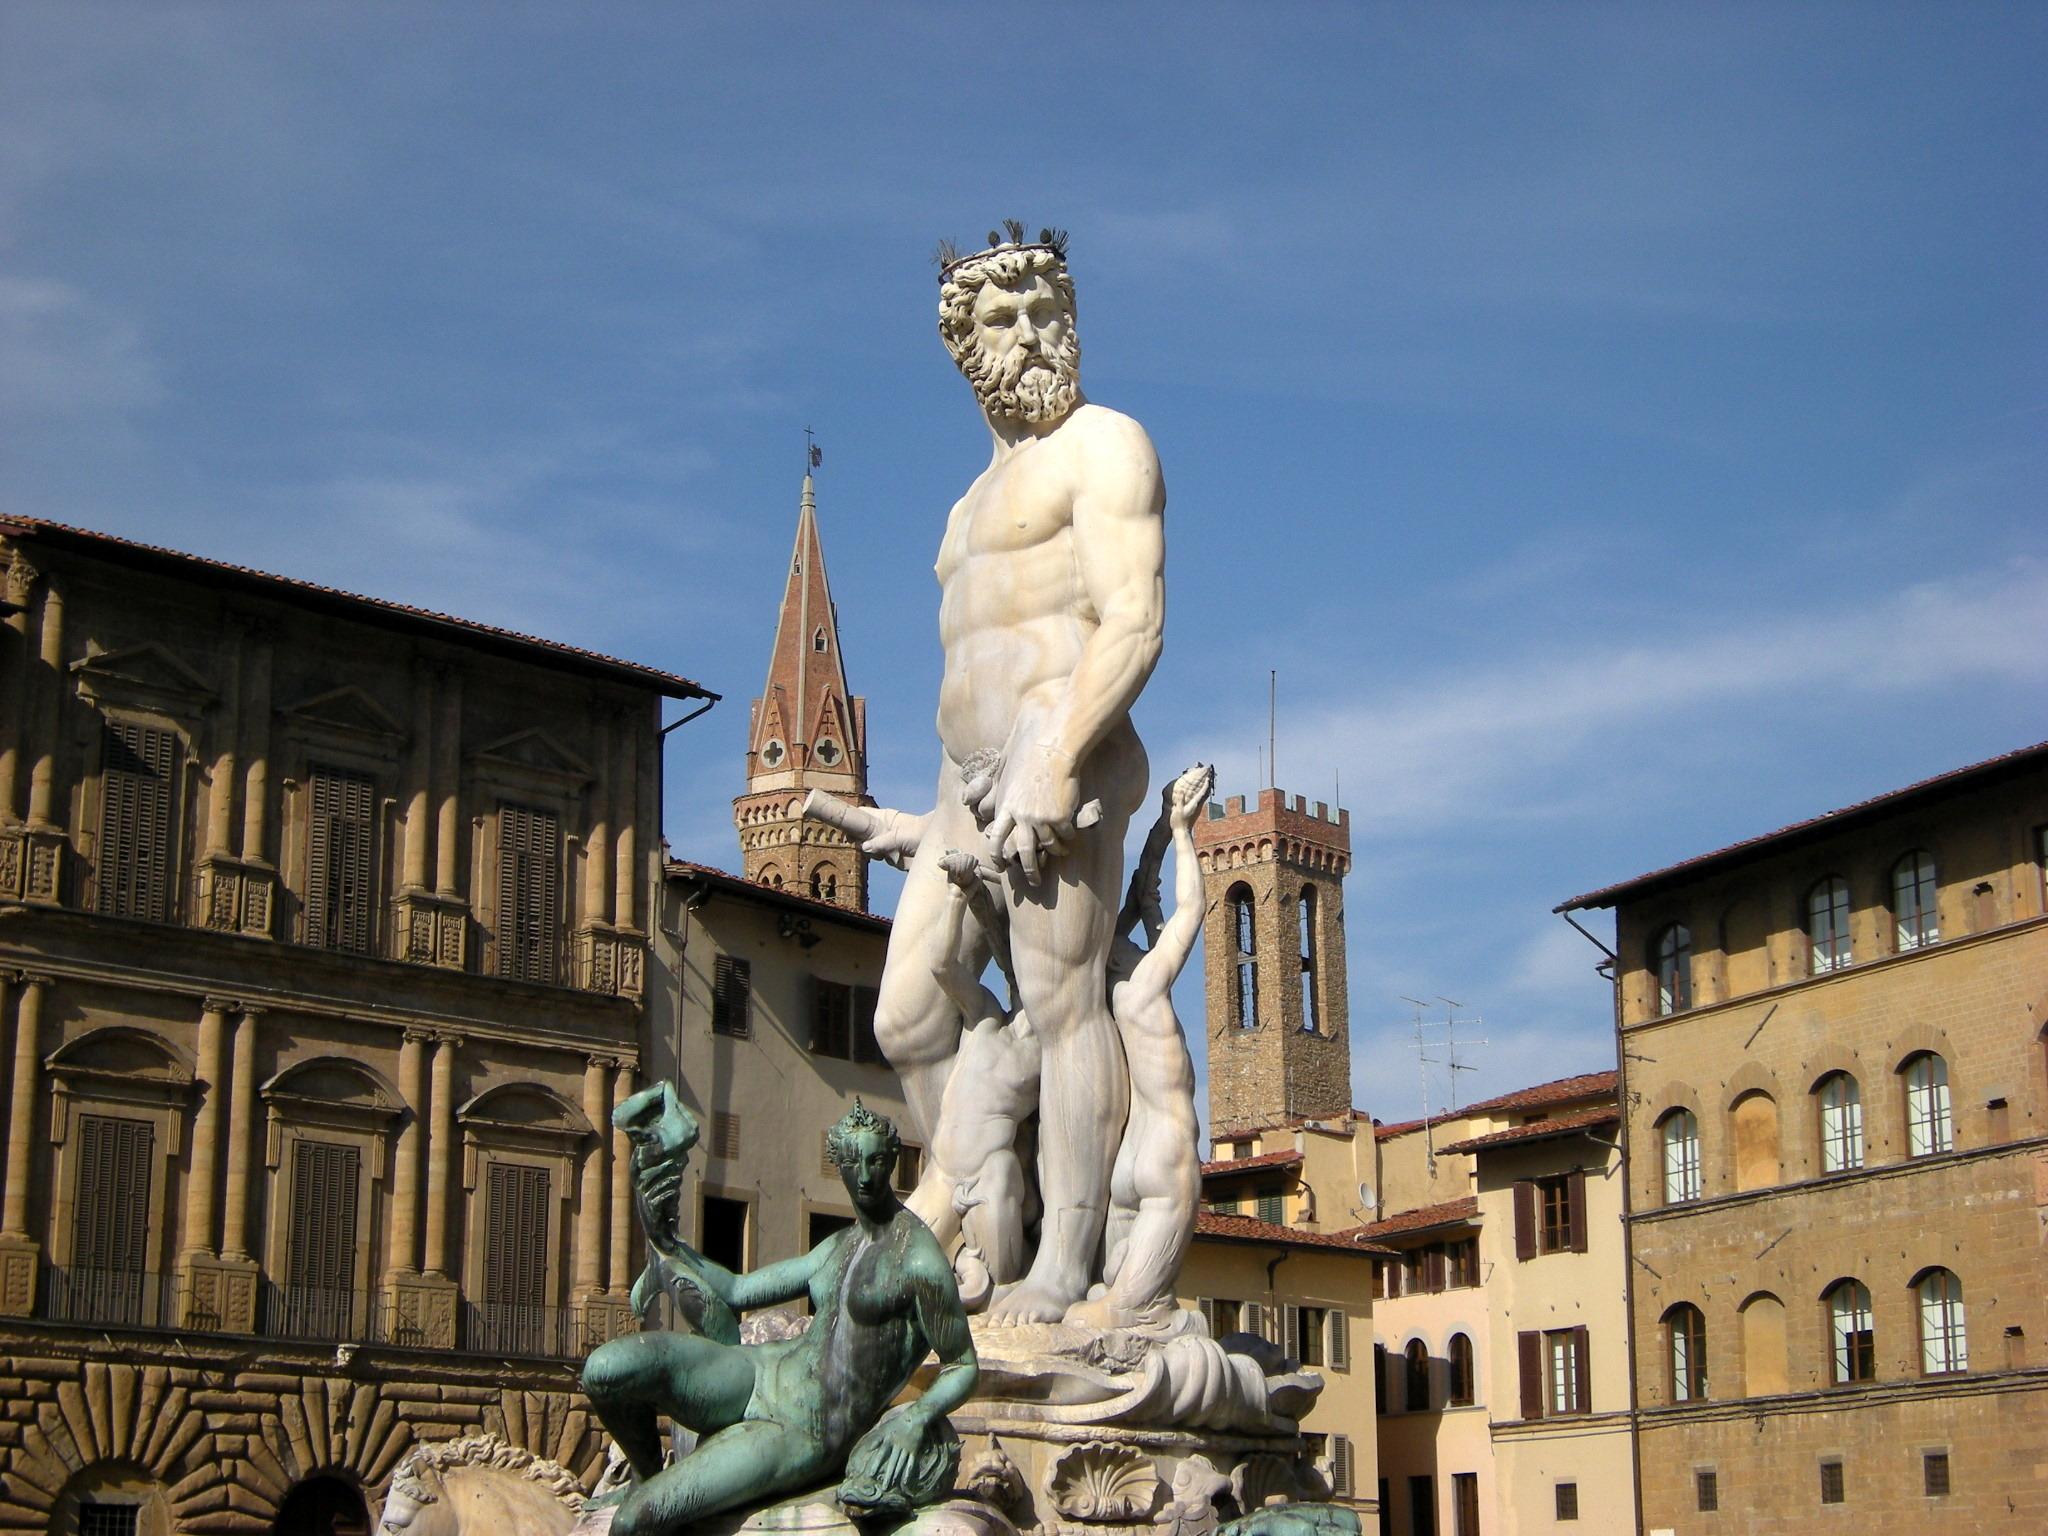 Bartolomeo Ammannati, Fontana del Nettuno, Piazza della Signoria, Firenze